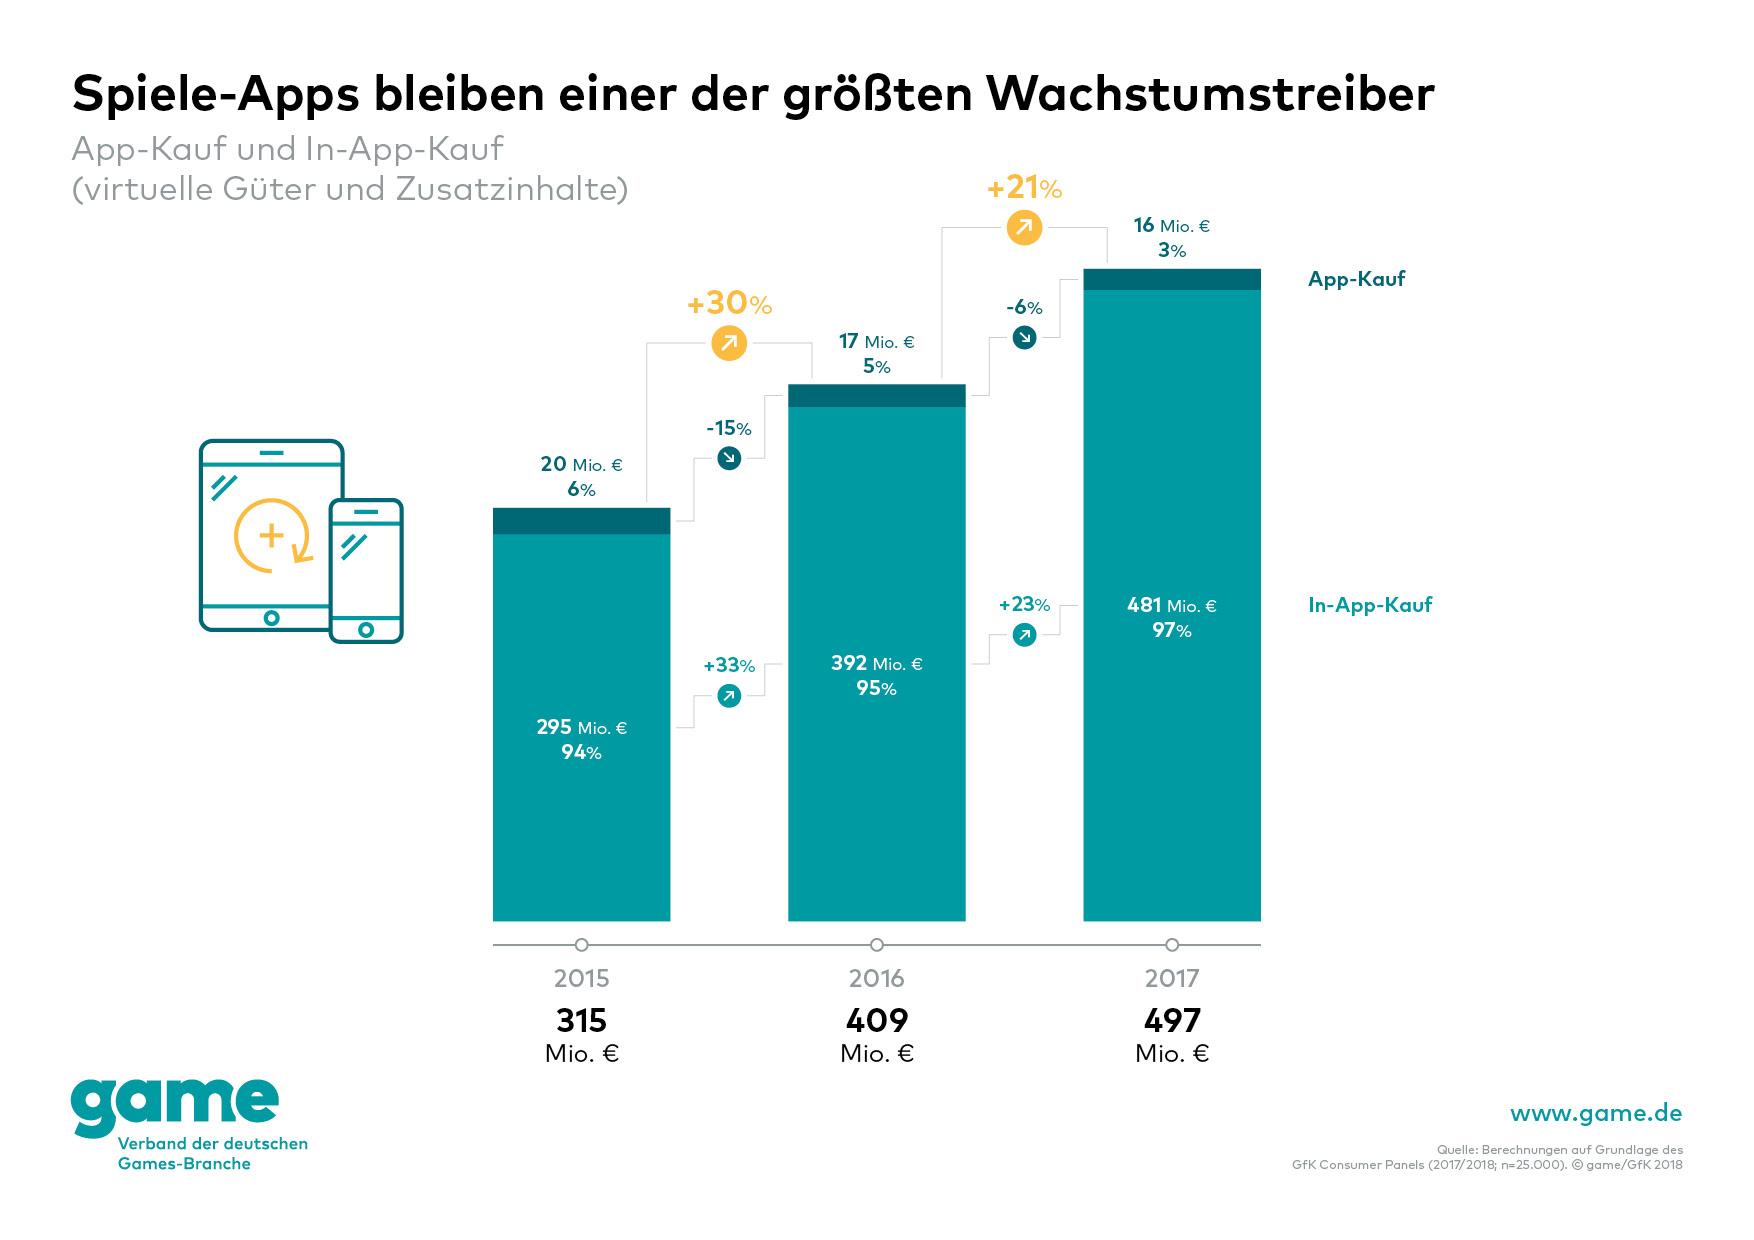 game_Spiele-Apps bleiben einer der größten Wachstumstreiber